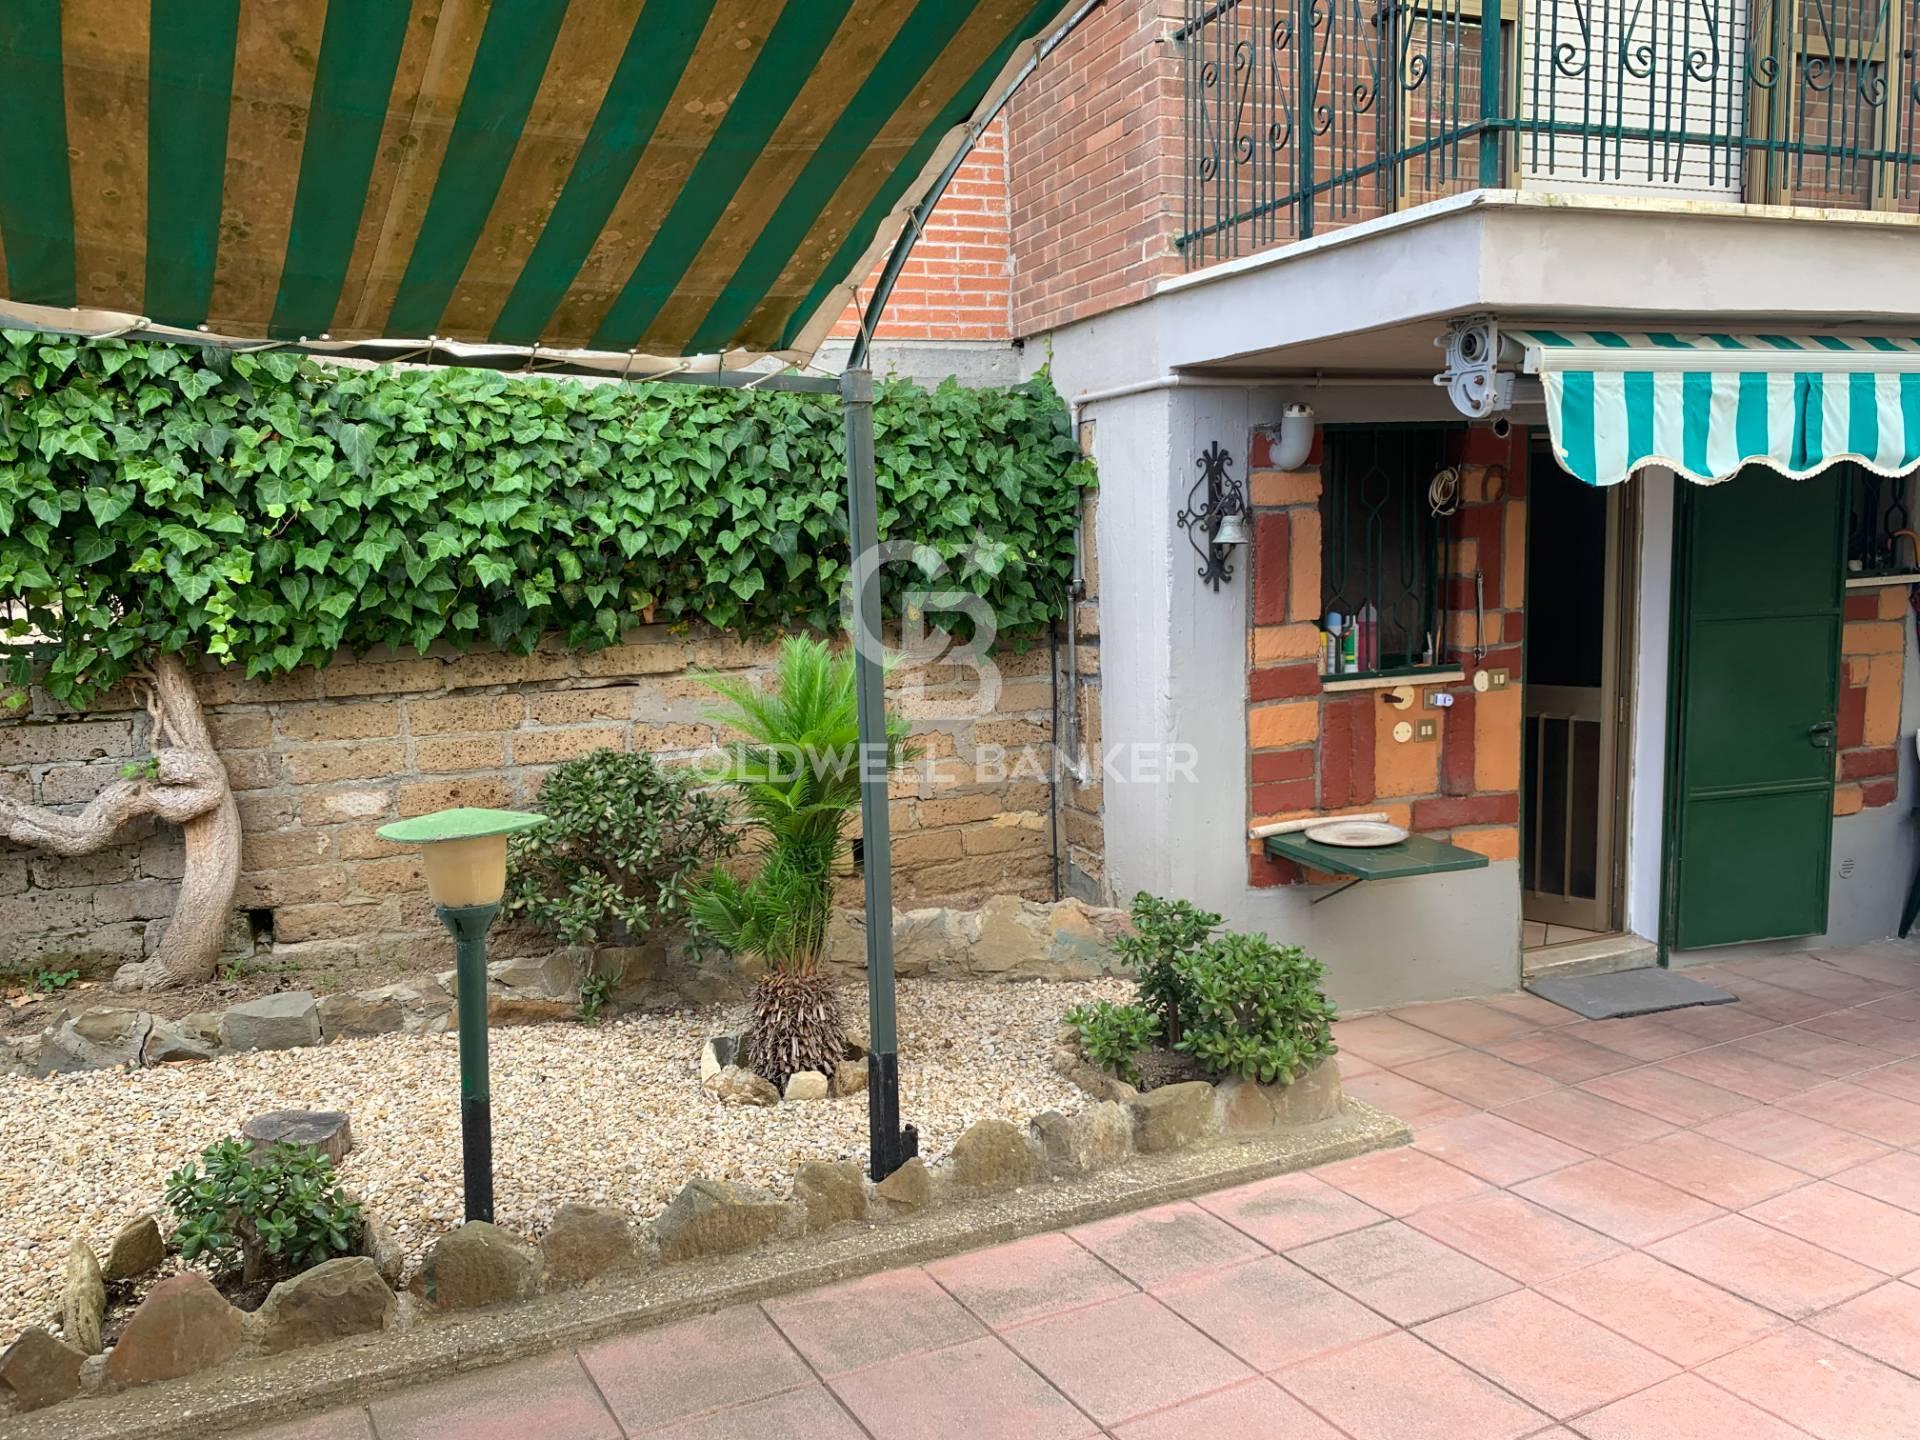 Appartamento in vendita a Santa Marinella, 3 locali, zona Località: Centro, prezzo € 199.000 | CambioCasa.it